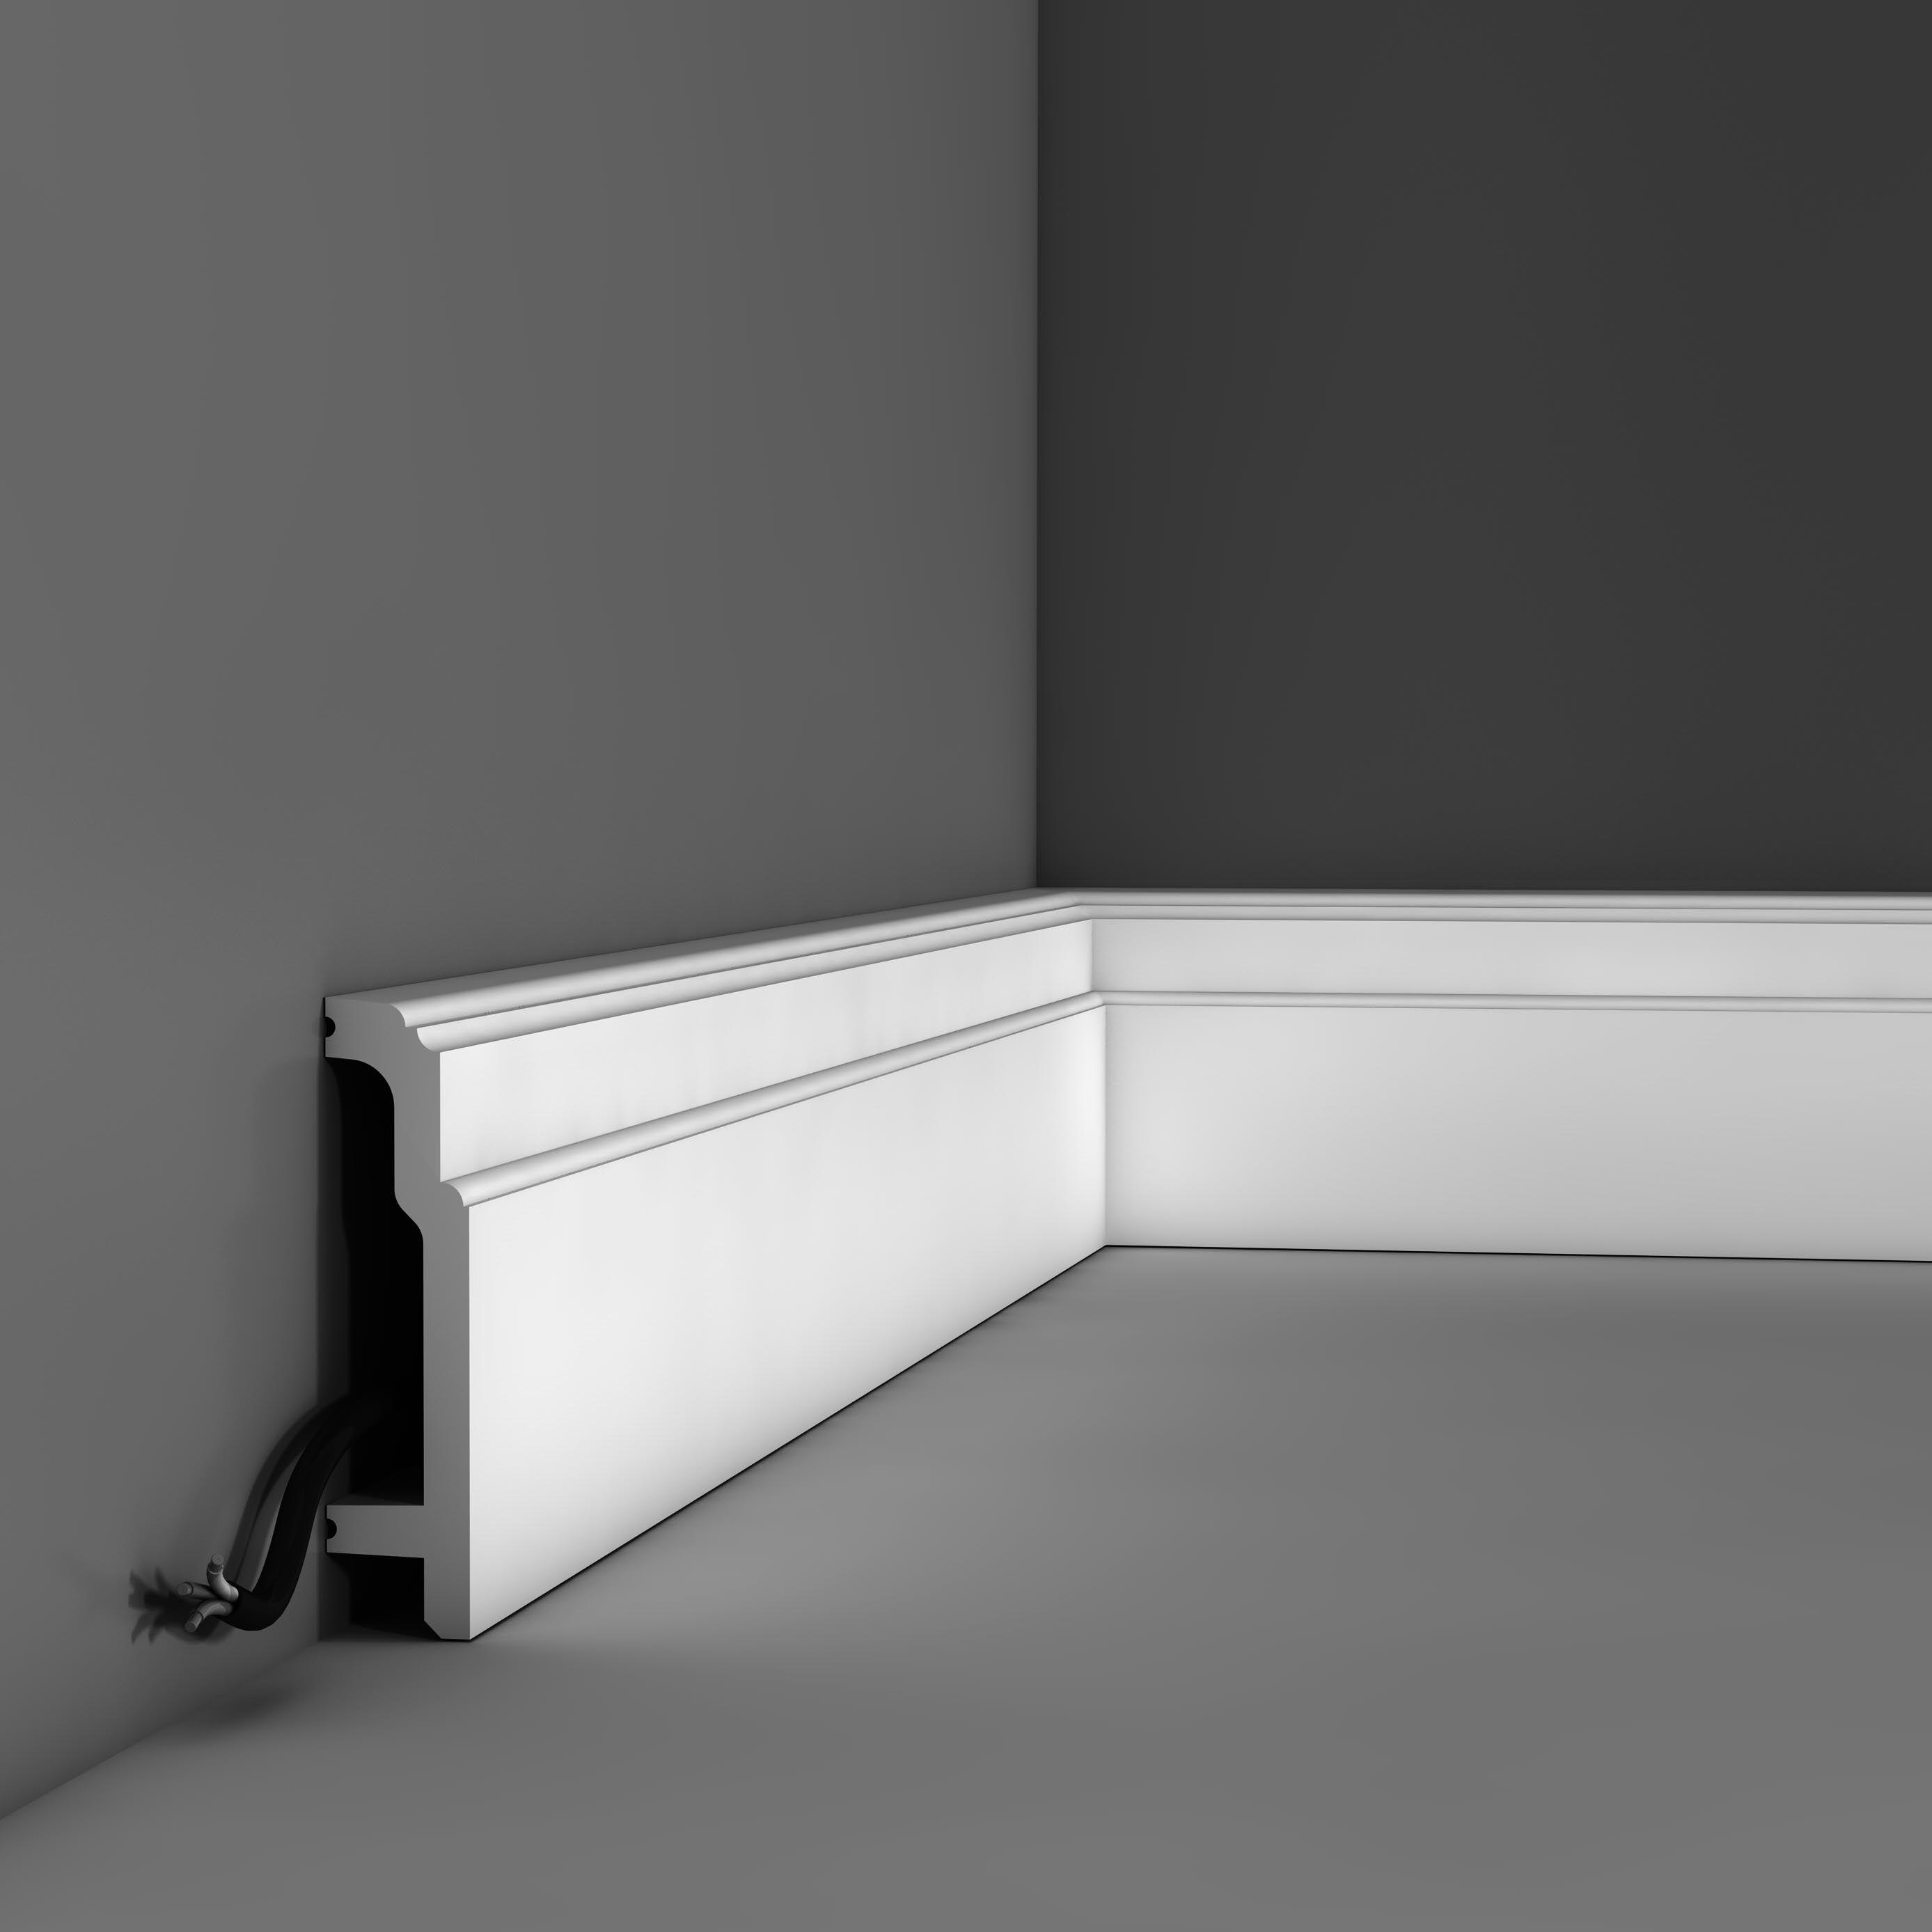 Floor Decor More: Cableado, Zocalo Y Molduras In 2019…